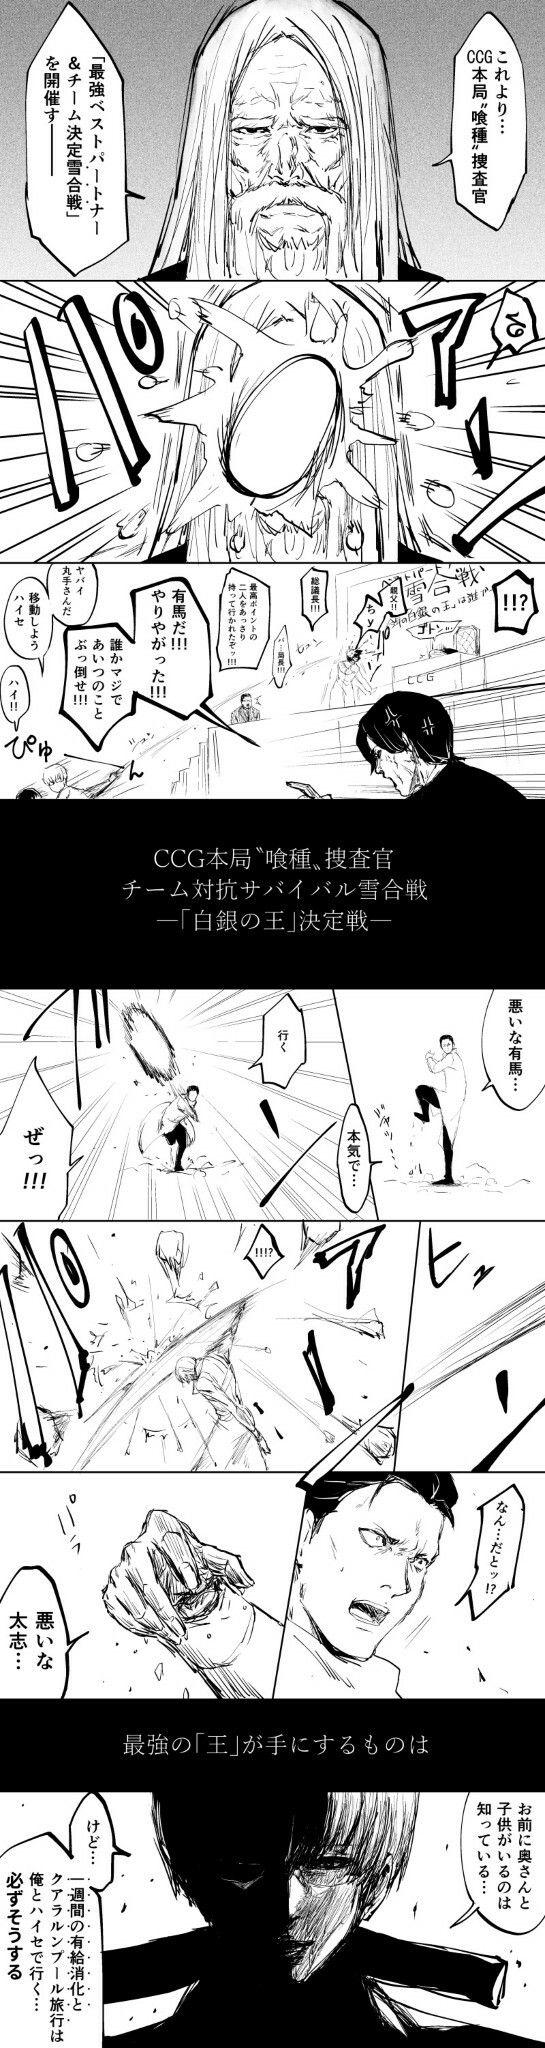 雪合戦4-2ーTokyo Ghoul